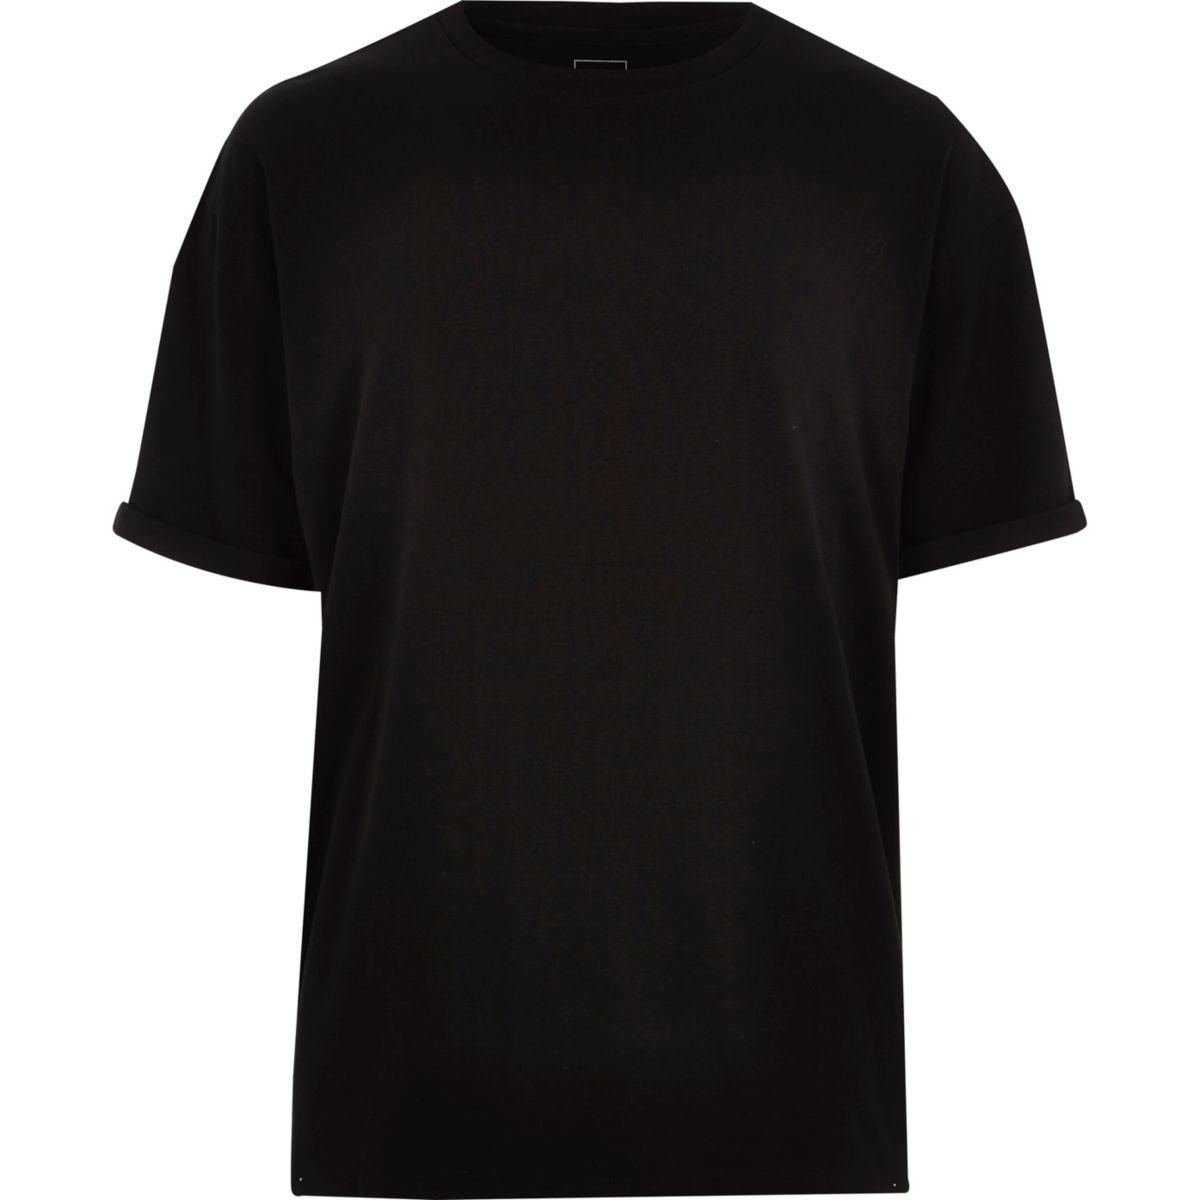 Zwart oversized aansluitend T-shirt met ronde hals